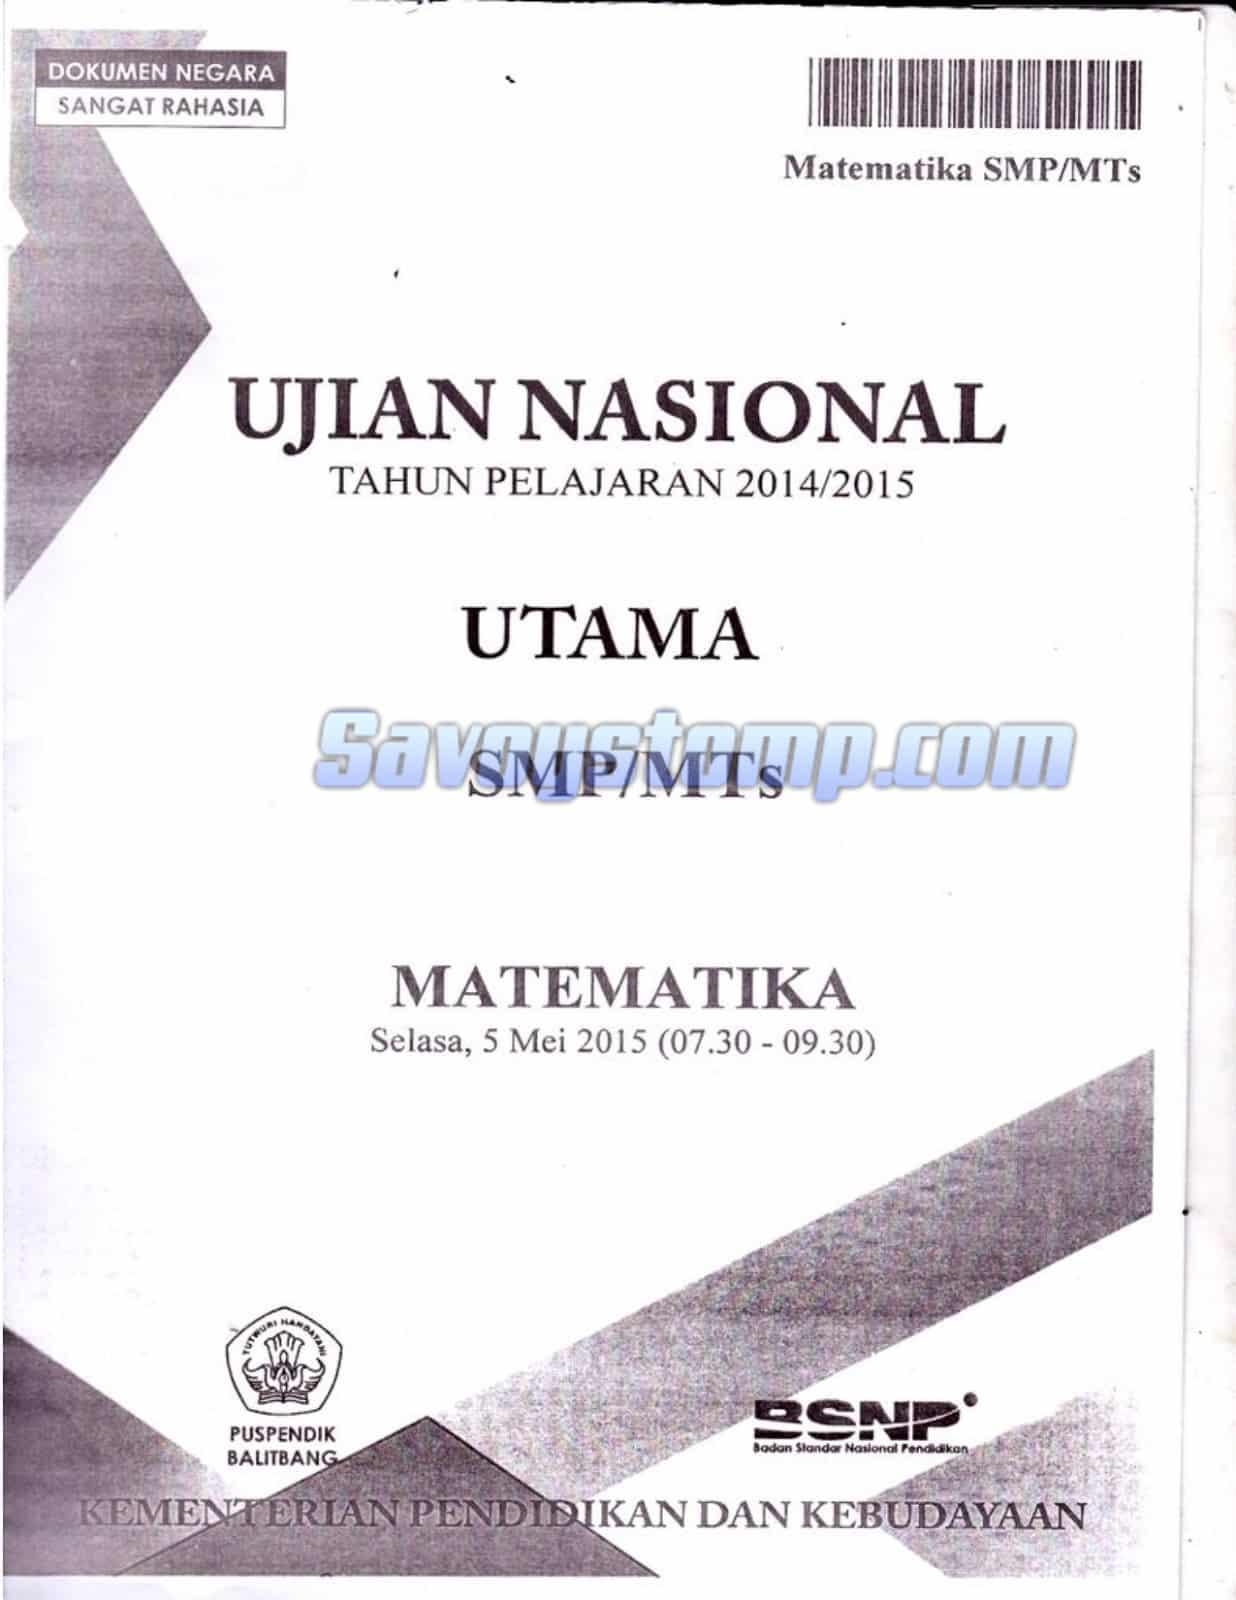 Contoh-Soal-UN-Matematika-SMP-beserta-Pembahasan-untuk-Persiapan-Ujian-Nasional